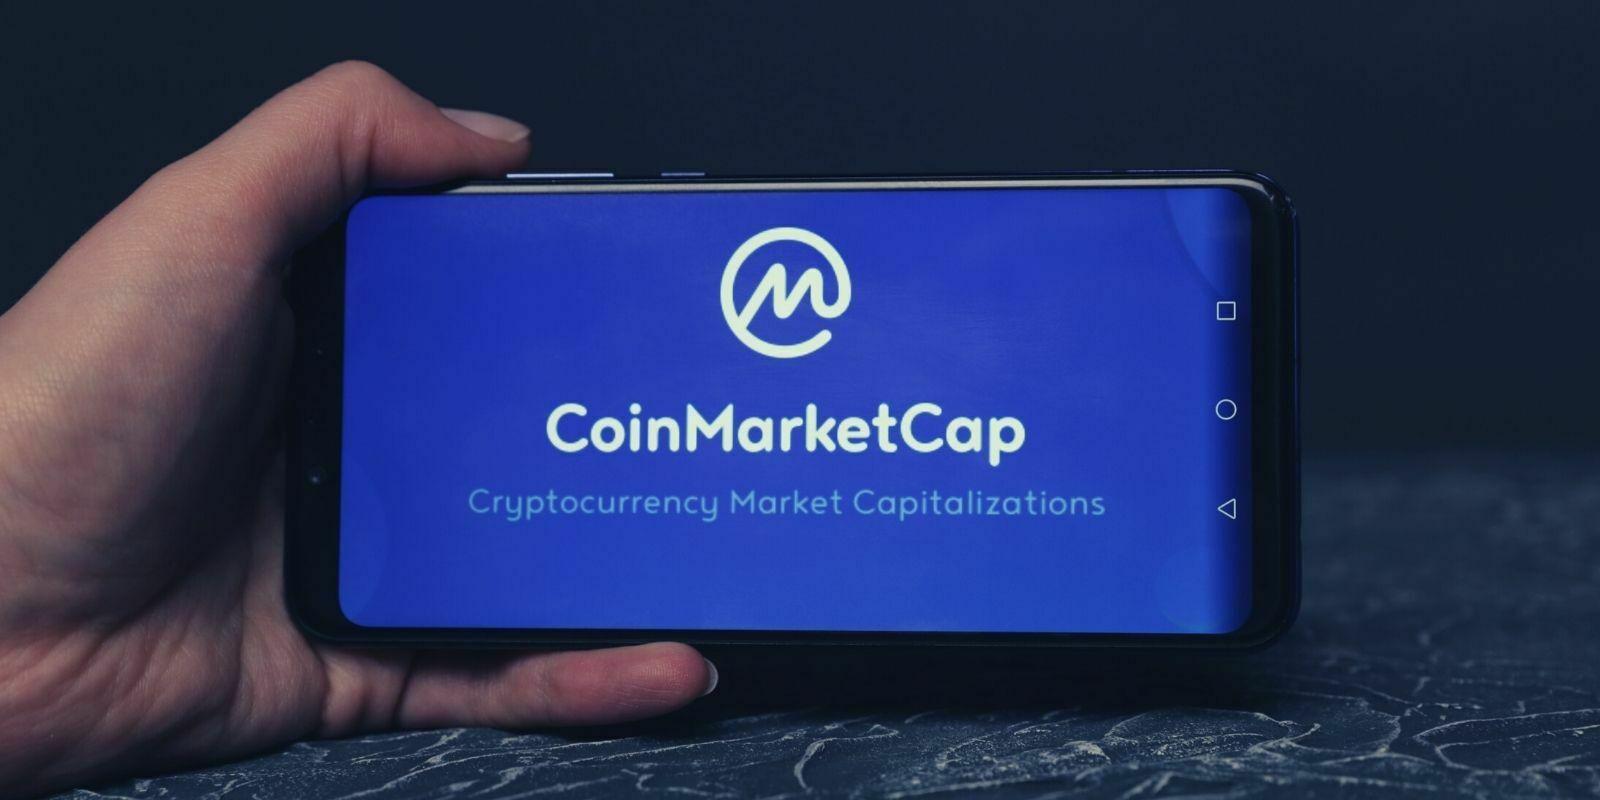 L'équipe de direction de CoinMarketCap démissionne, 5 mois après l'acquisition de Binance